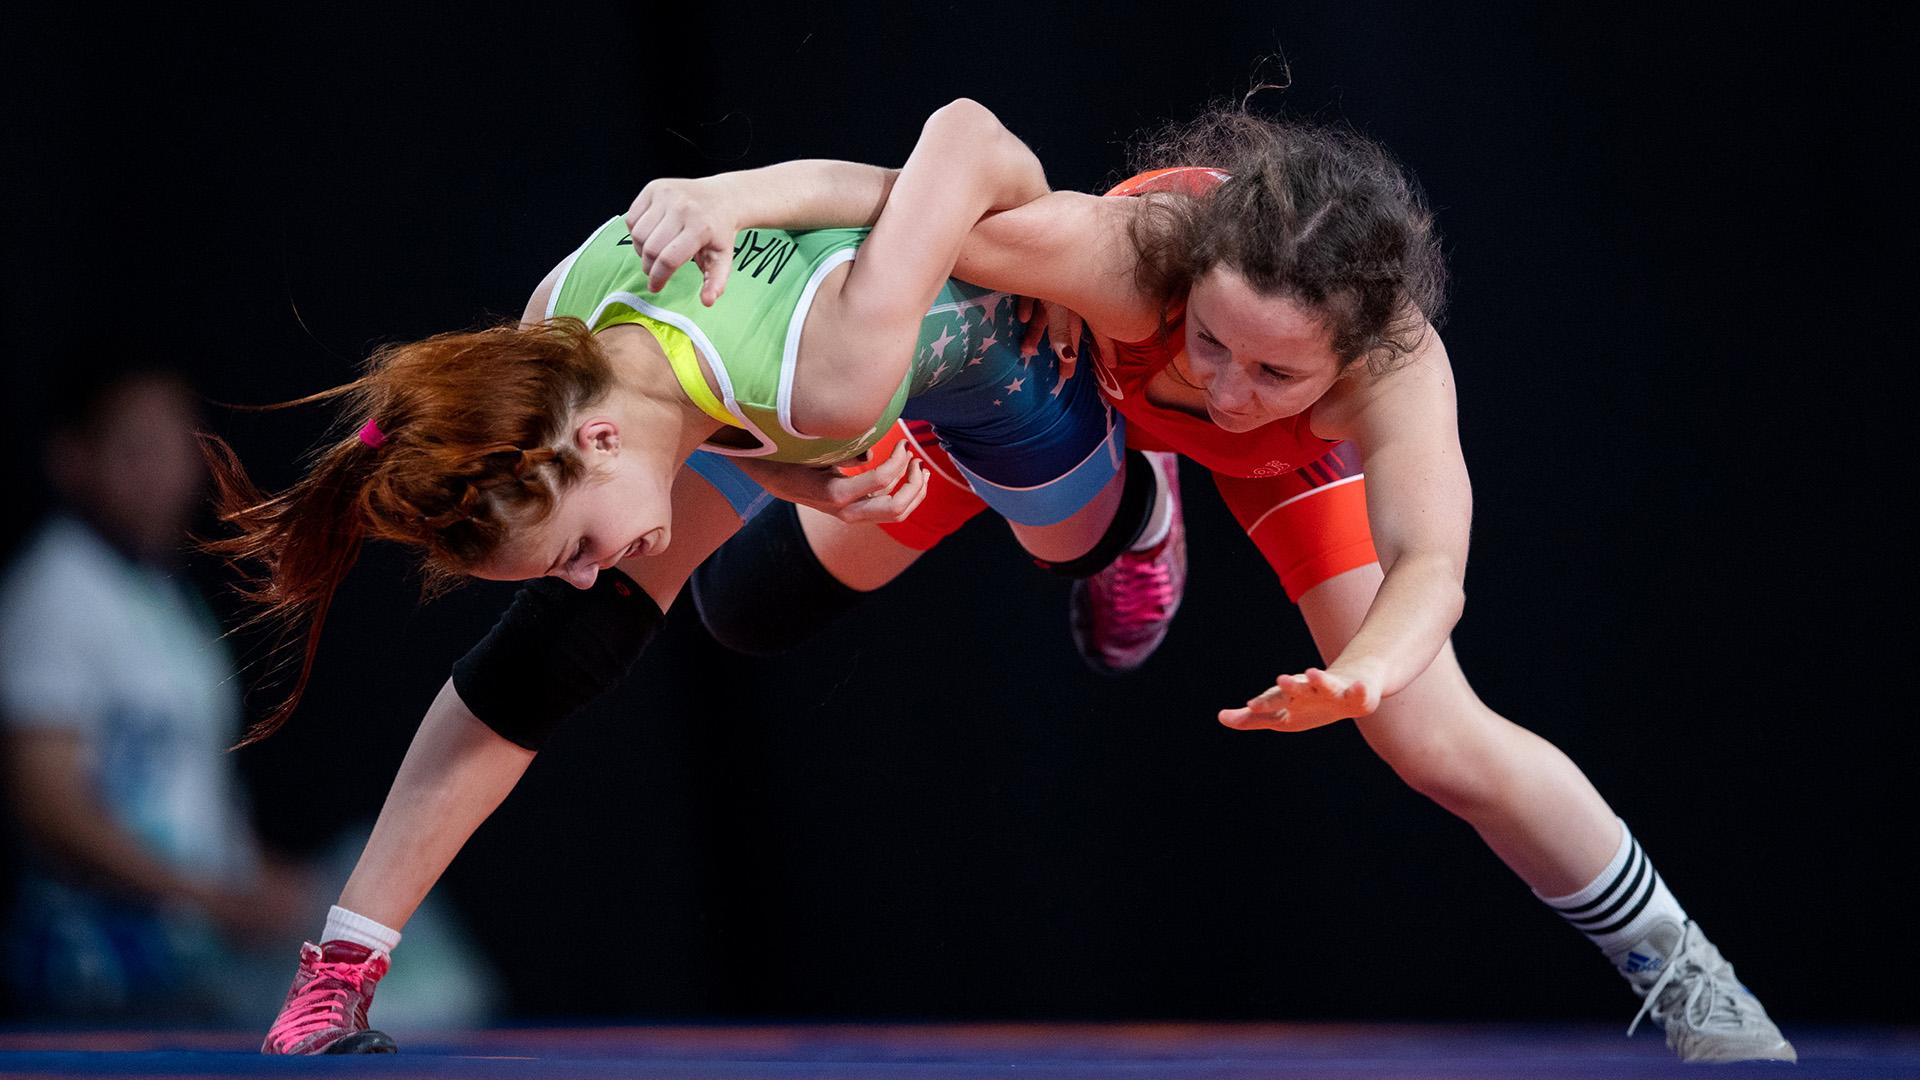 La francesa Justine Fanny Vigourouxlucha ante la brasileñaHeloisa Elena Martinez en la categoría hasta los43kilos(Foto:REUTERS)